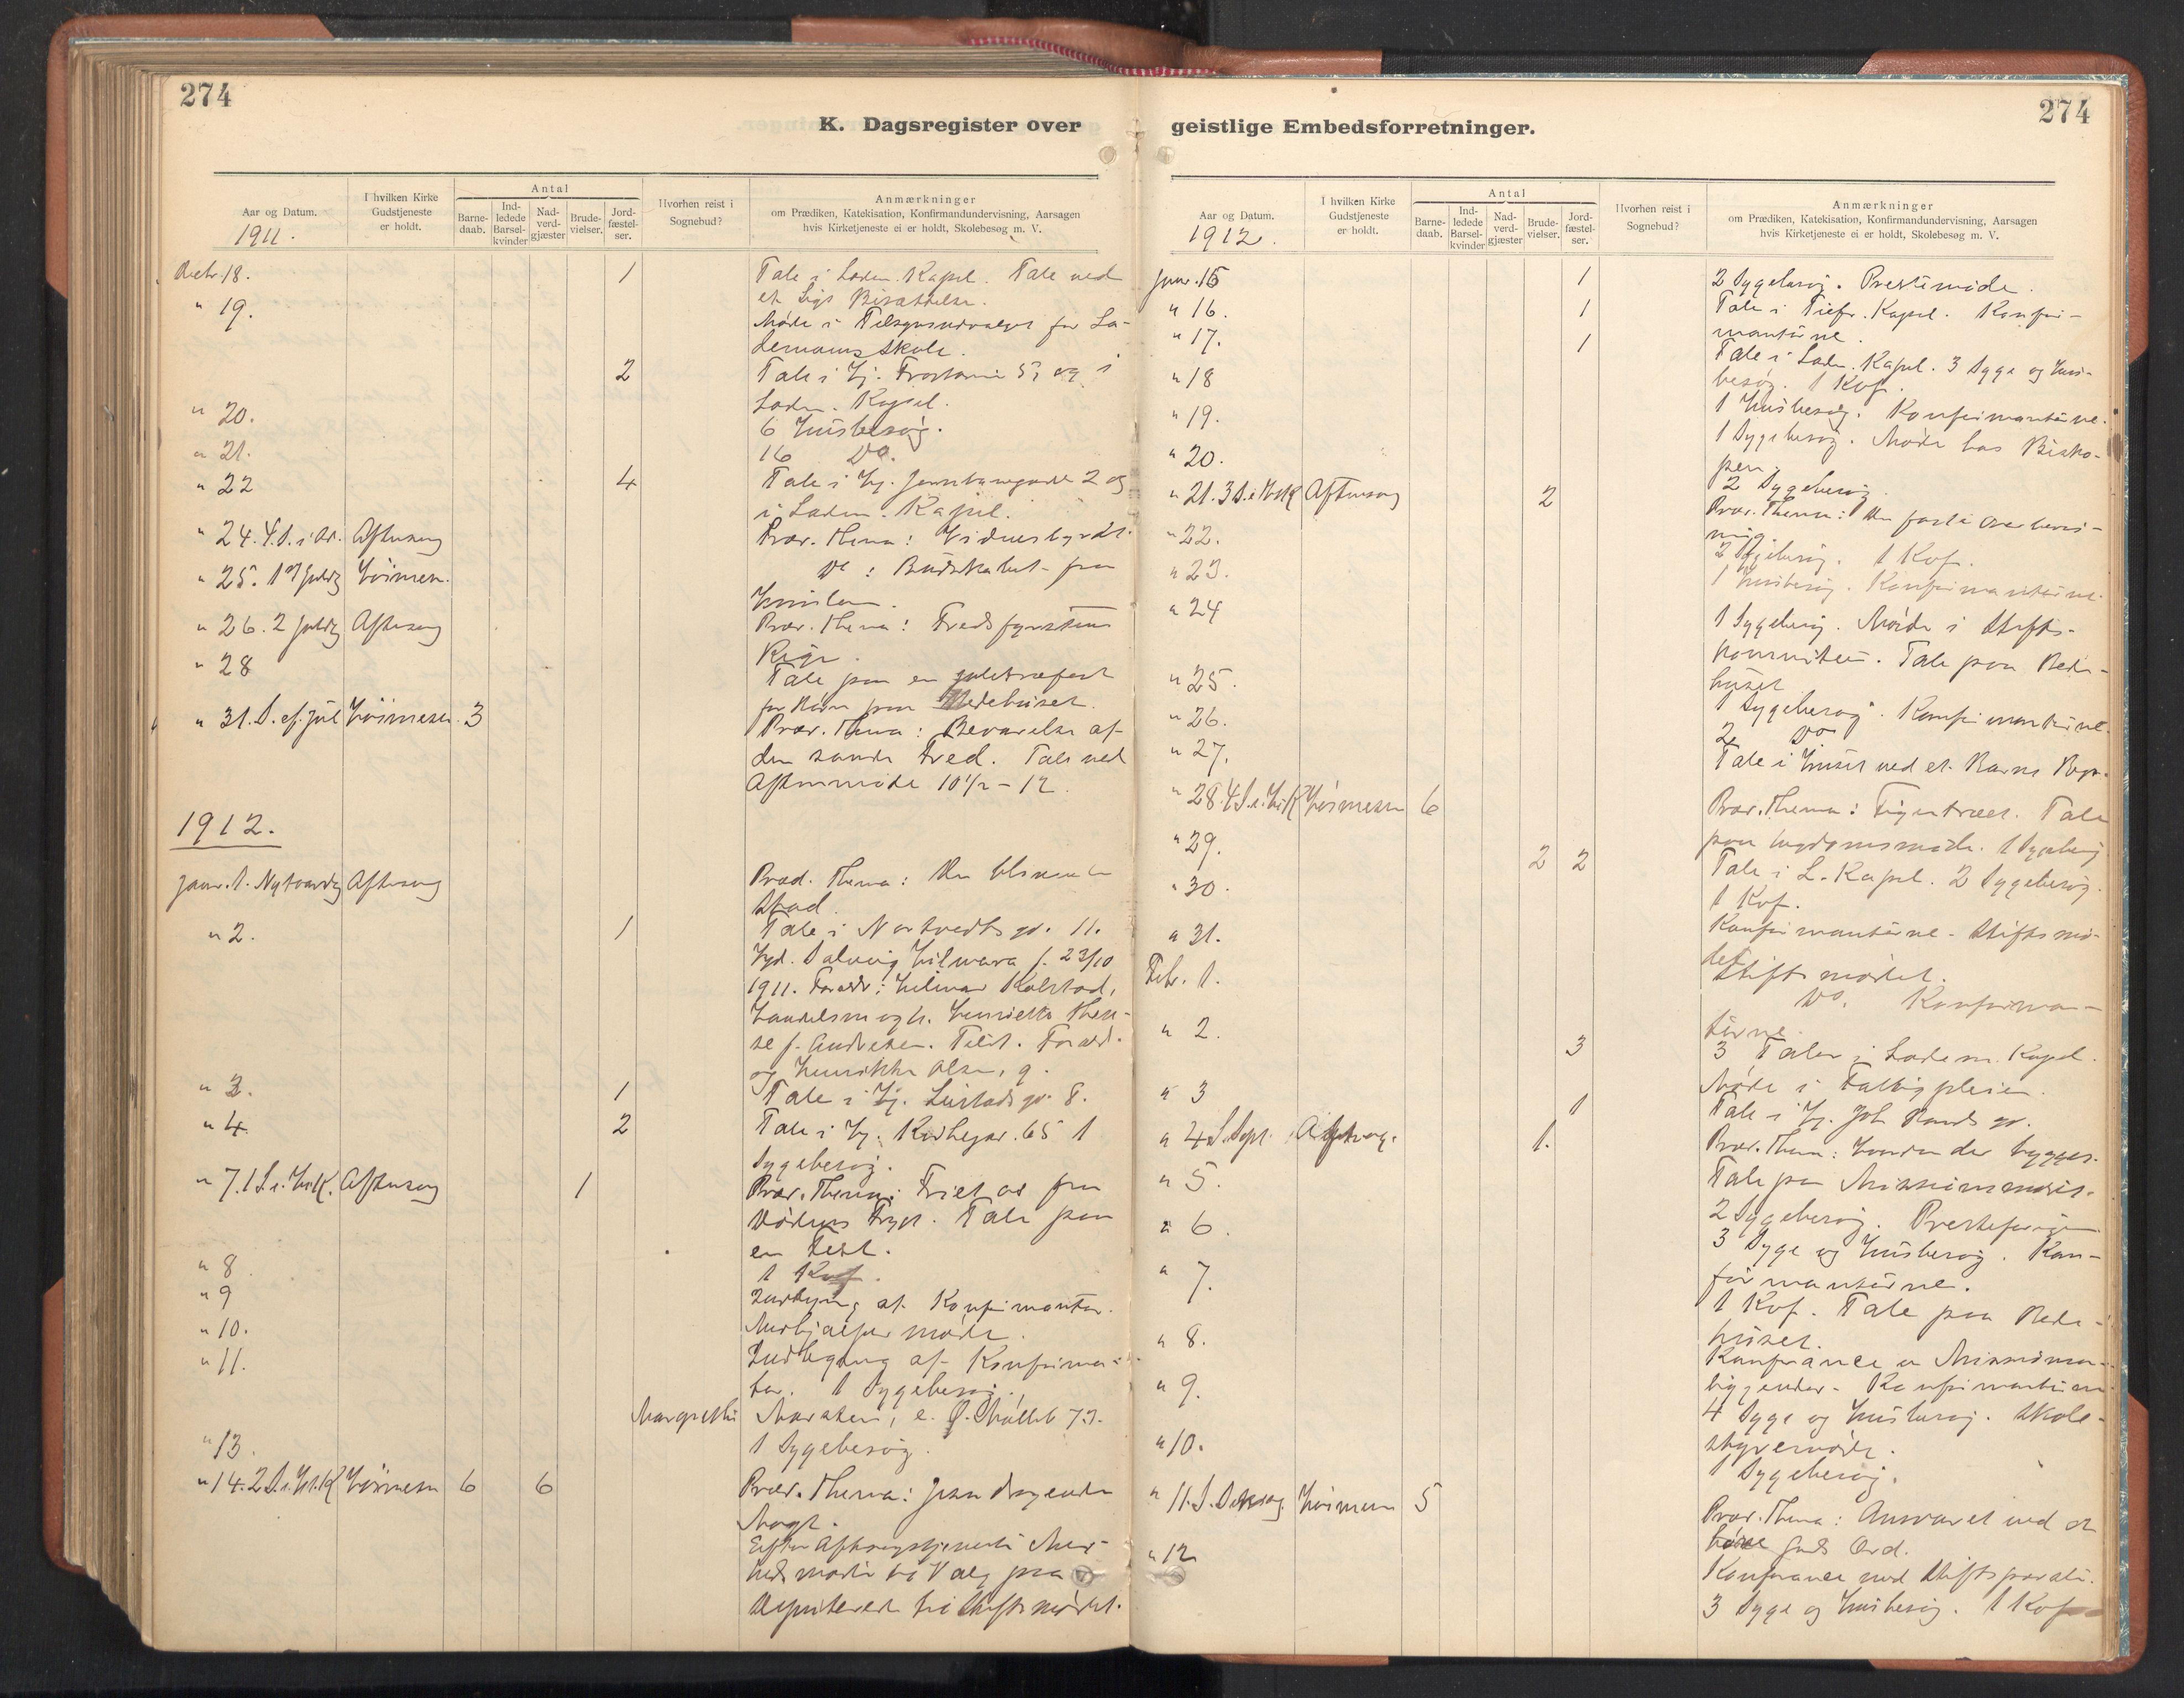 SAT, Ministerialprotokoller, klokkerbøker og fødselsregistre - Sør-Trøndelag, 605/L0244: Ministerialbok nr. 605A06, 1908-1954, s. 274